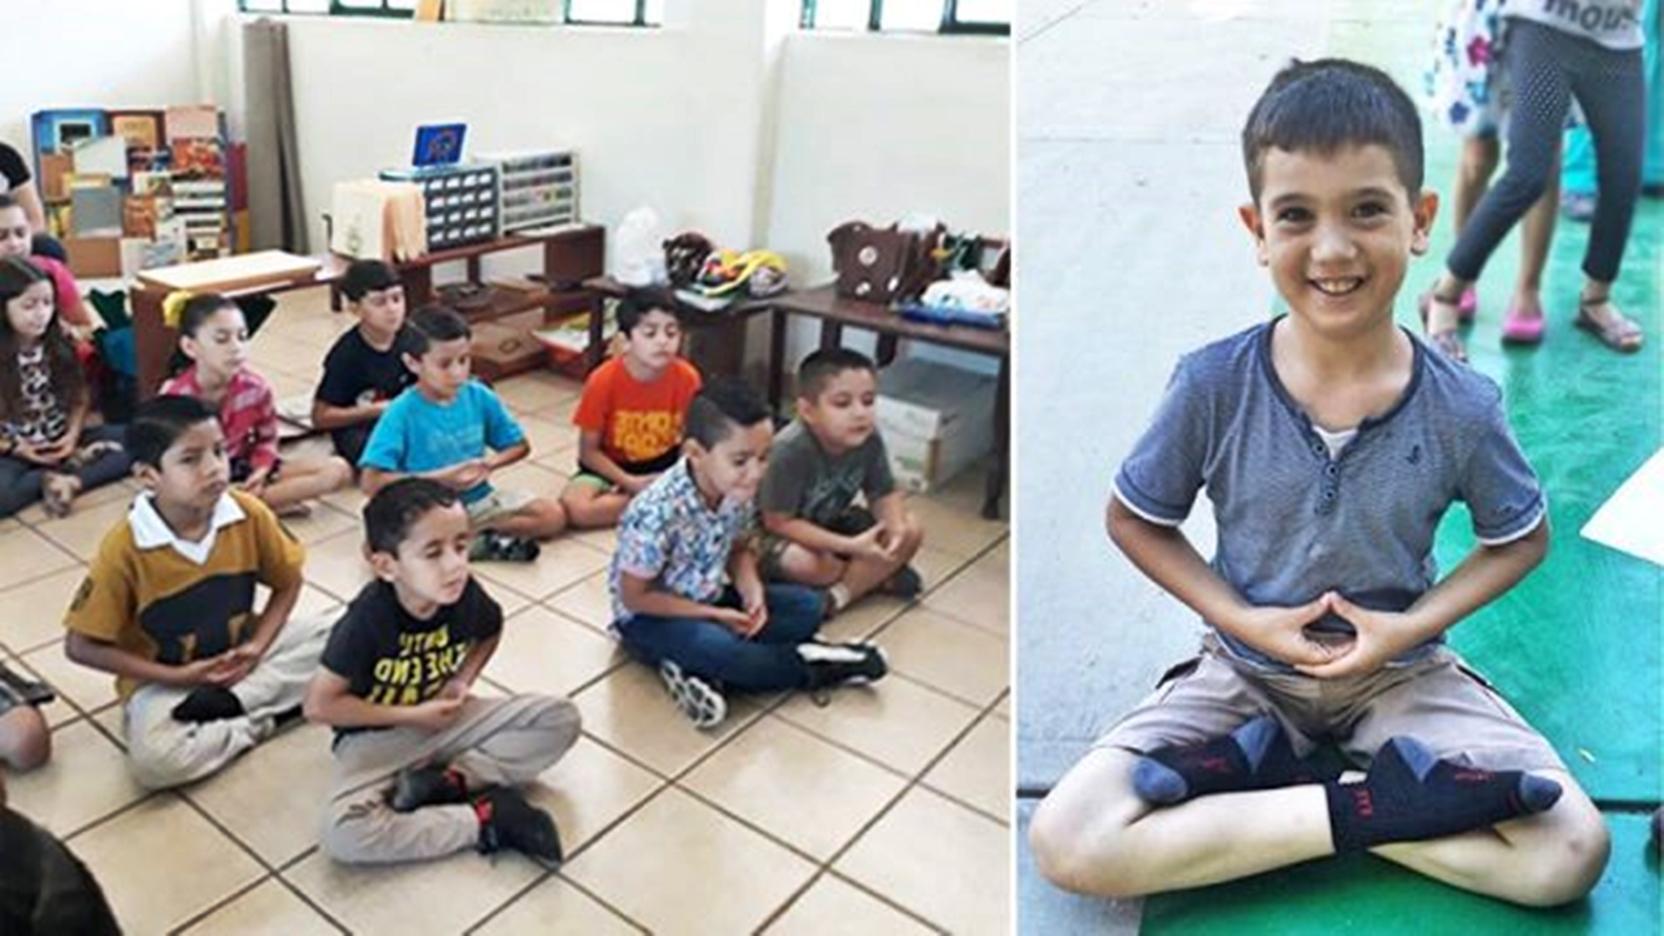 瓜薩維蒙特梭利學校安排一周一次的「和平教育」課程,對孩子們有很好的影響。(瓜薩維蒙特梭利學校提供)